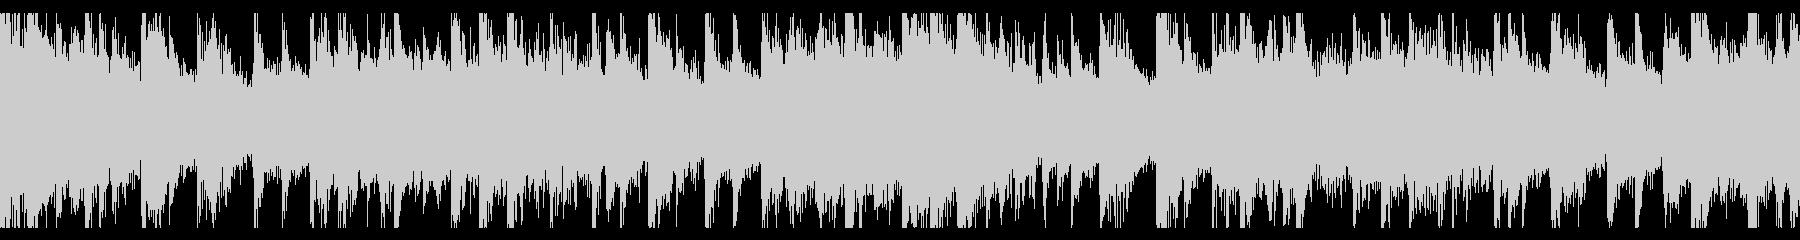 NeonDreamの未再生の波形